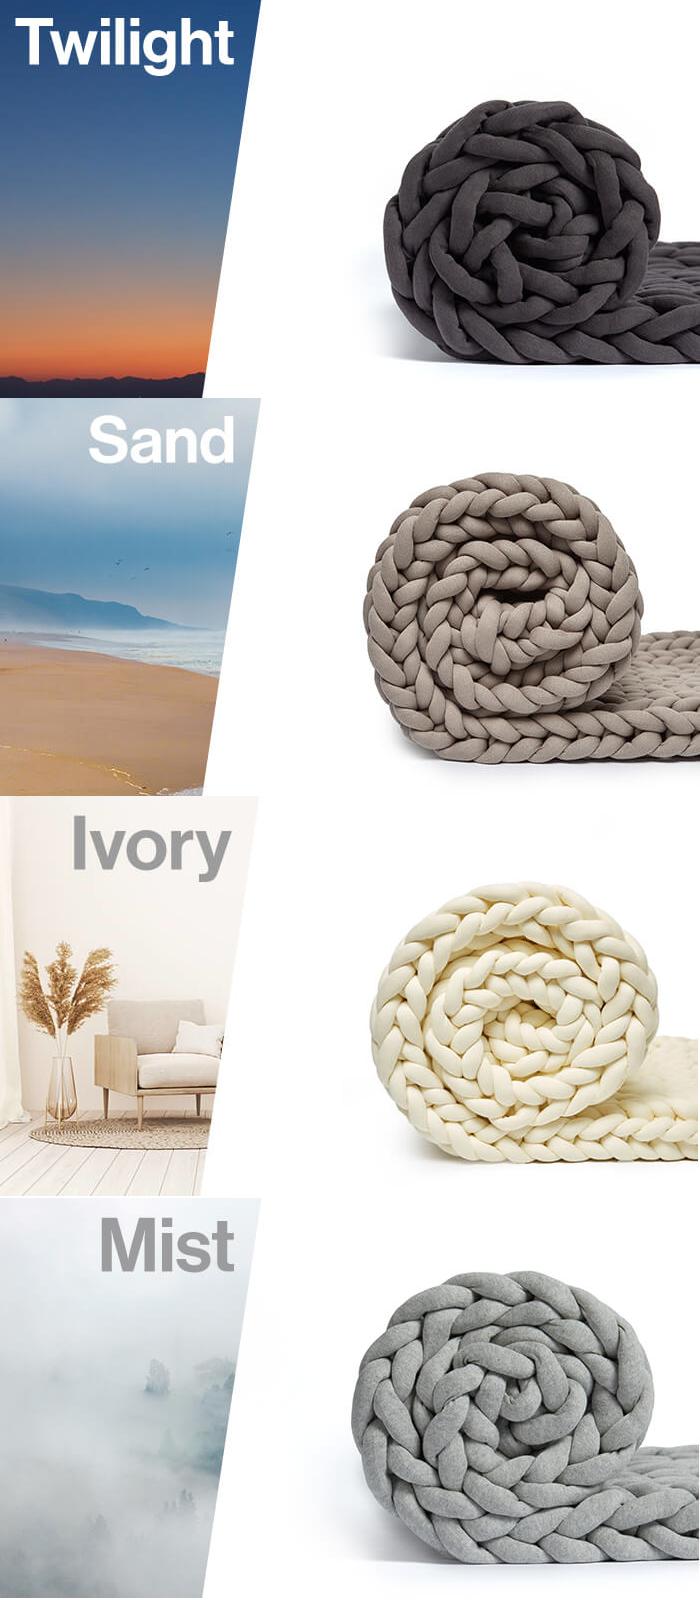 twilight, sand, ivory, mist color options